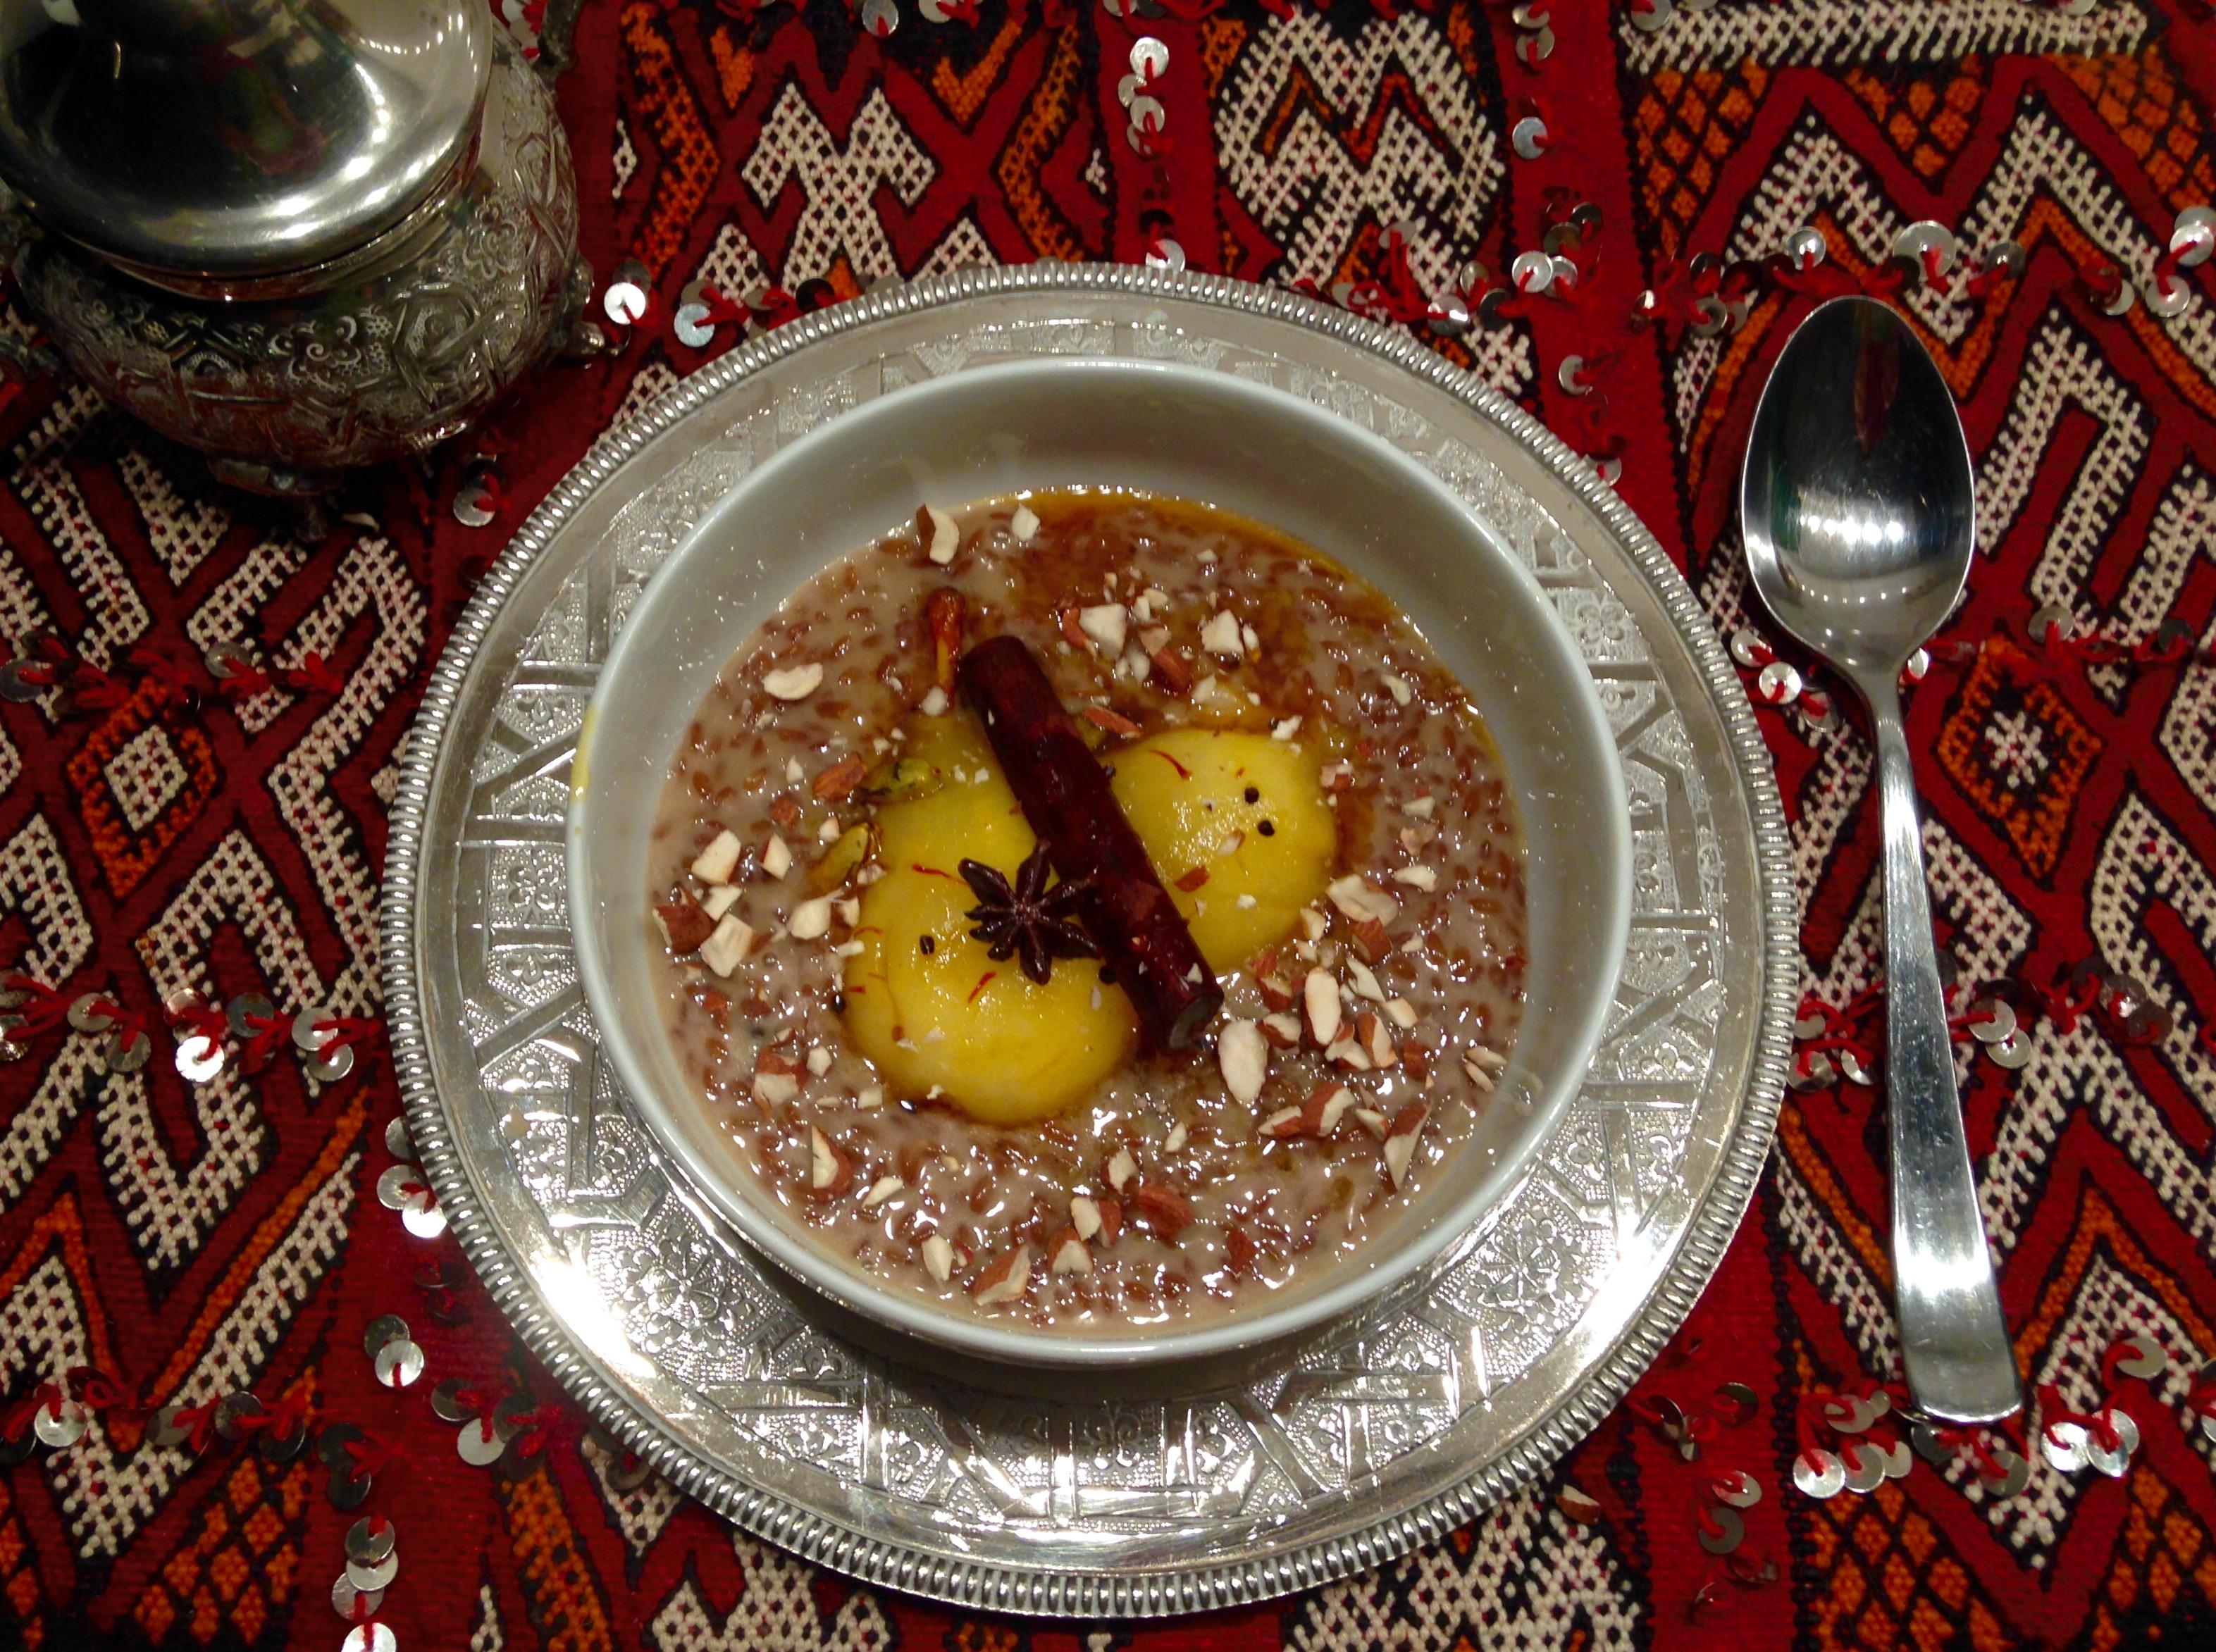 Petit épeautre au lait d'amande, poires pochées au safran